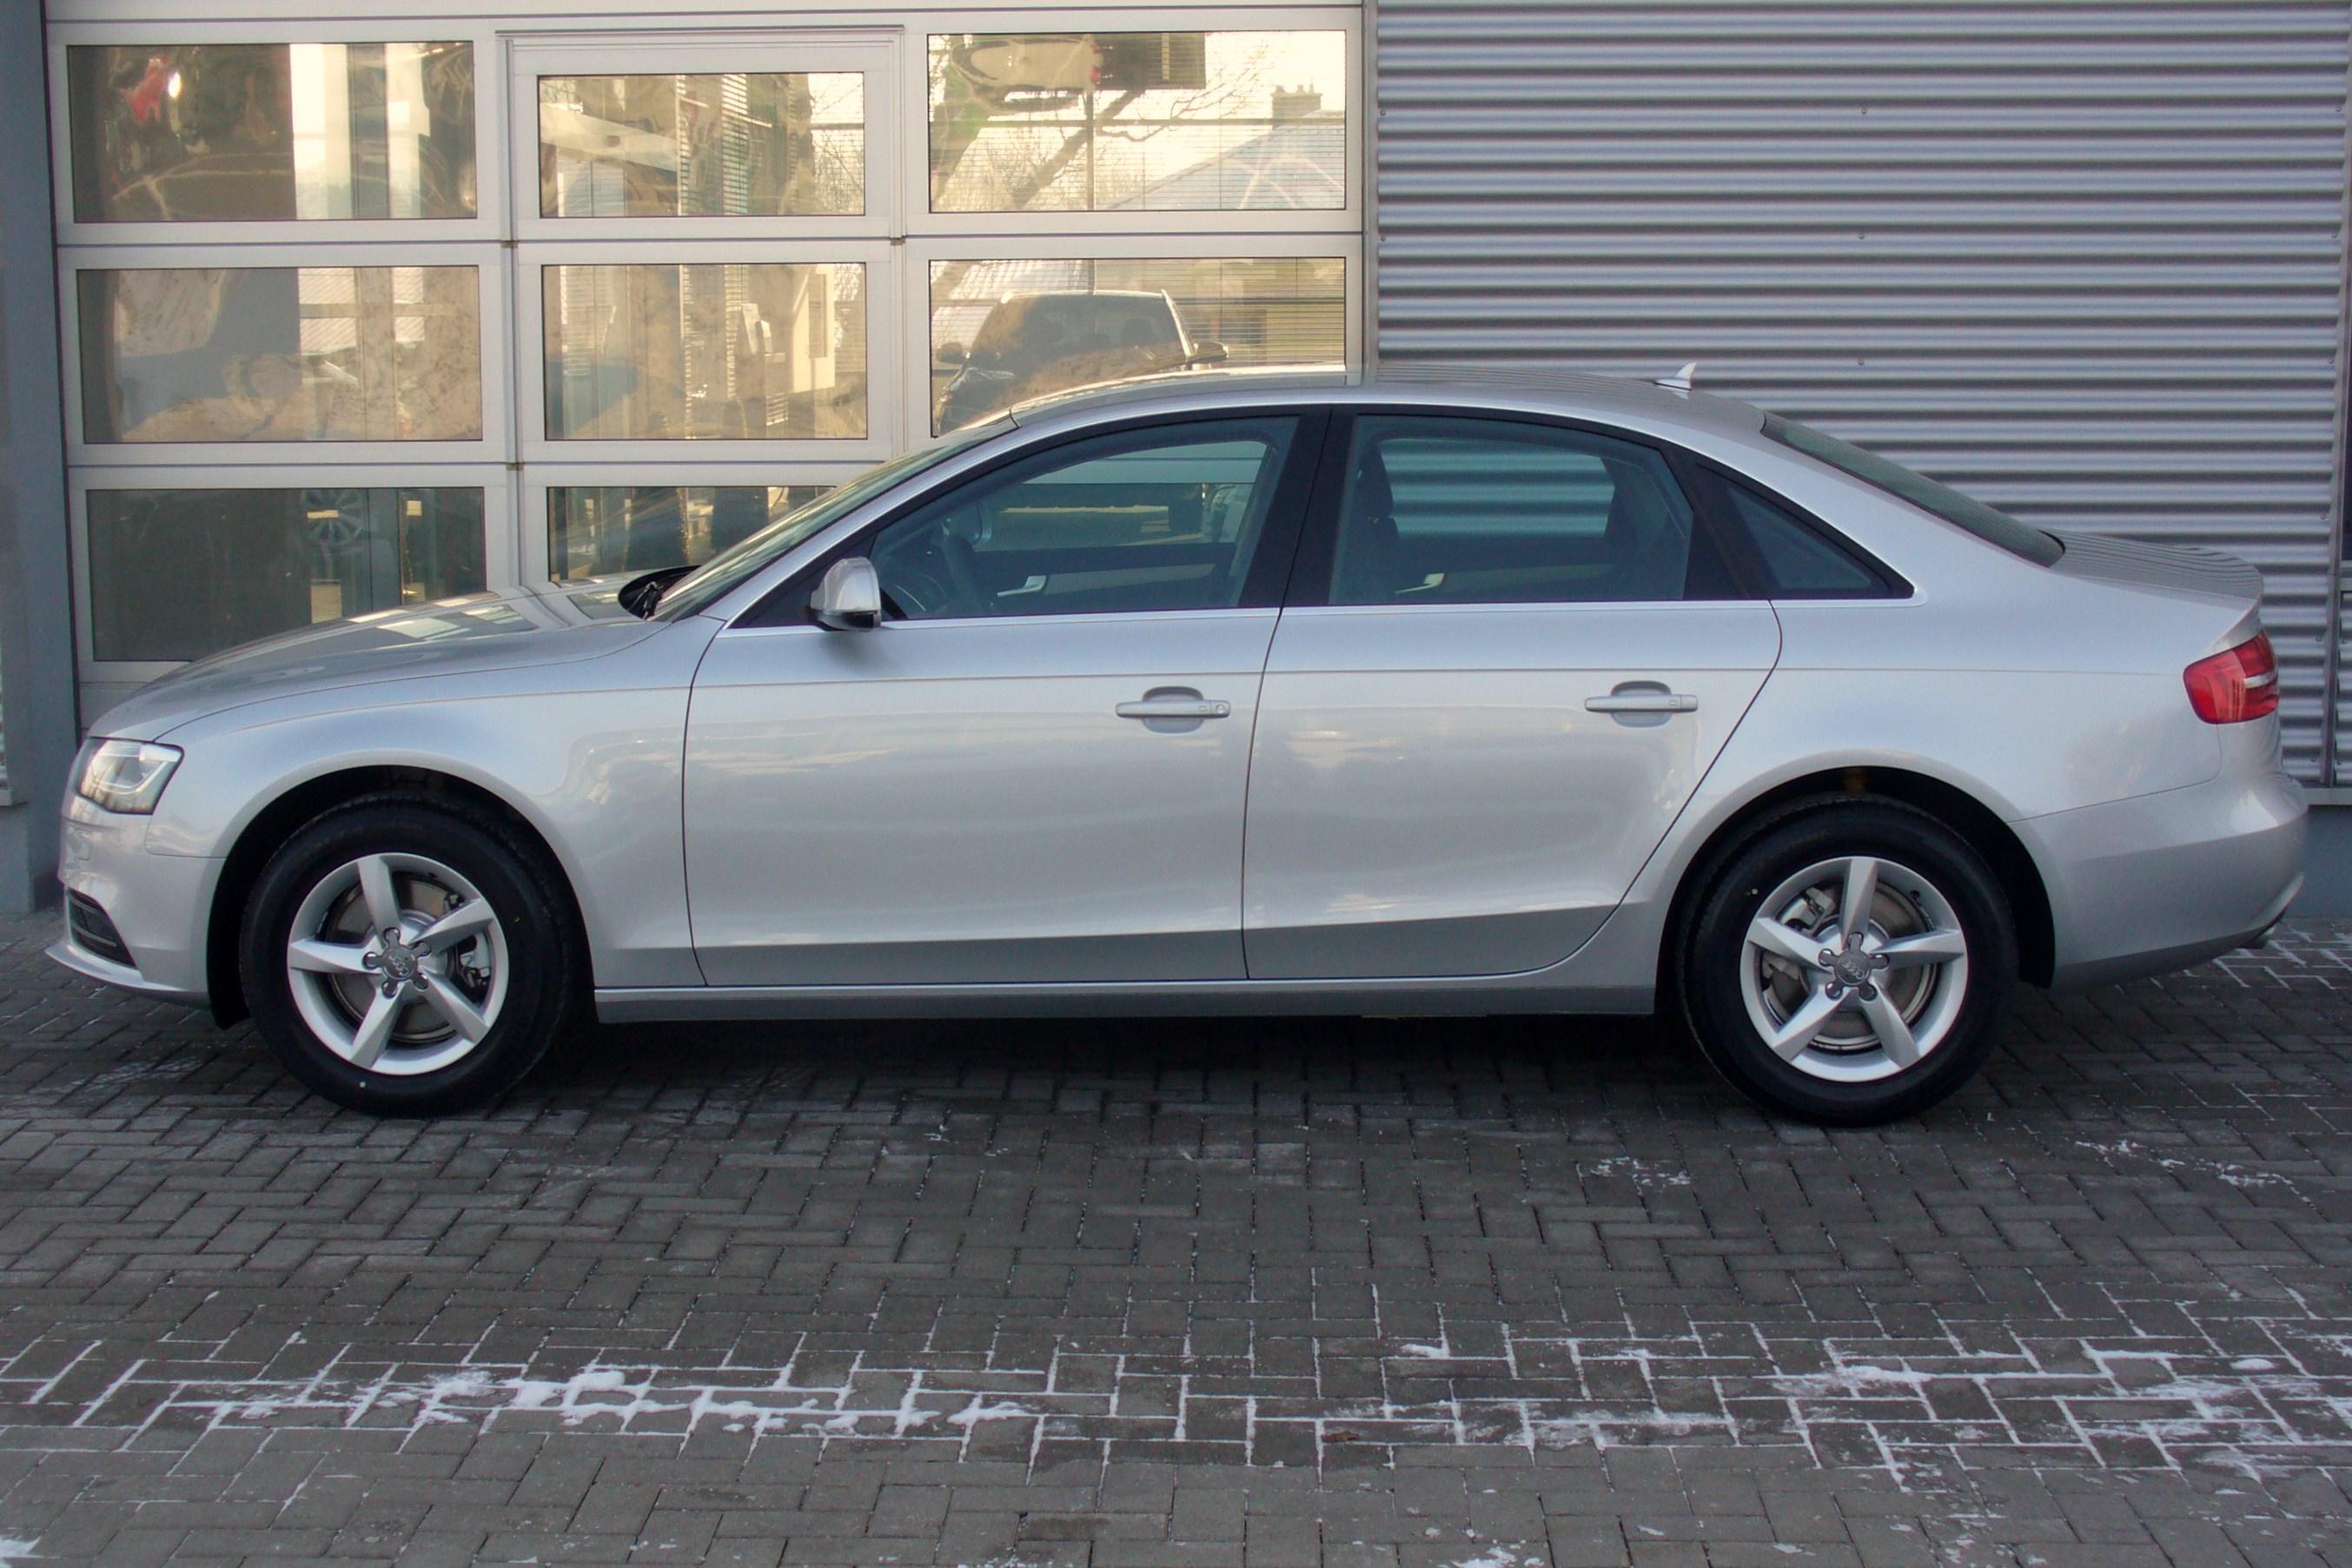 File Audi A4 B8 Facelift Limousine Ambiente 1 8 Tfsi